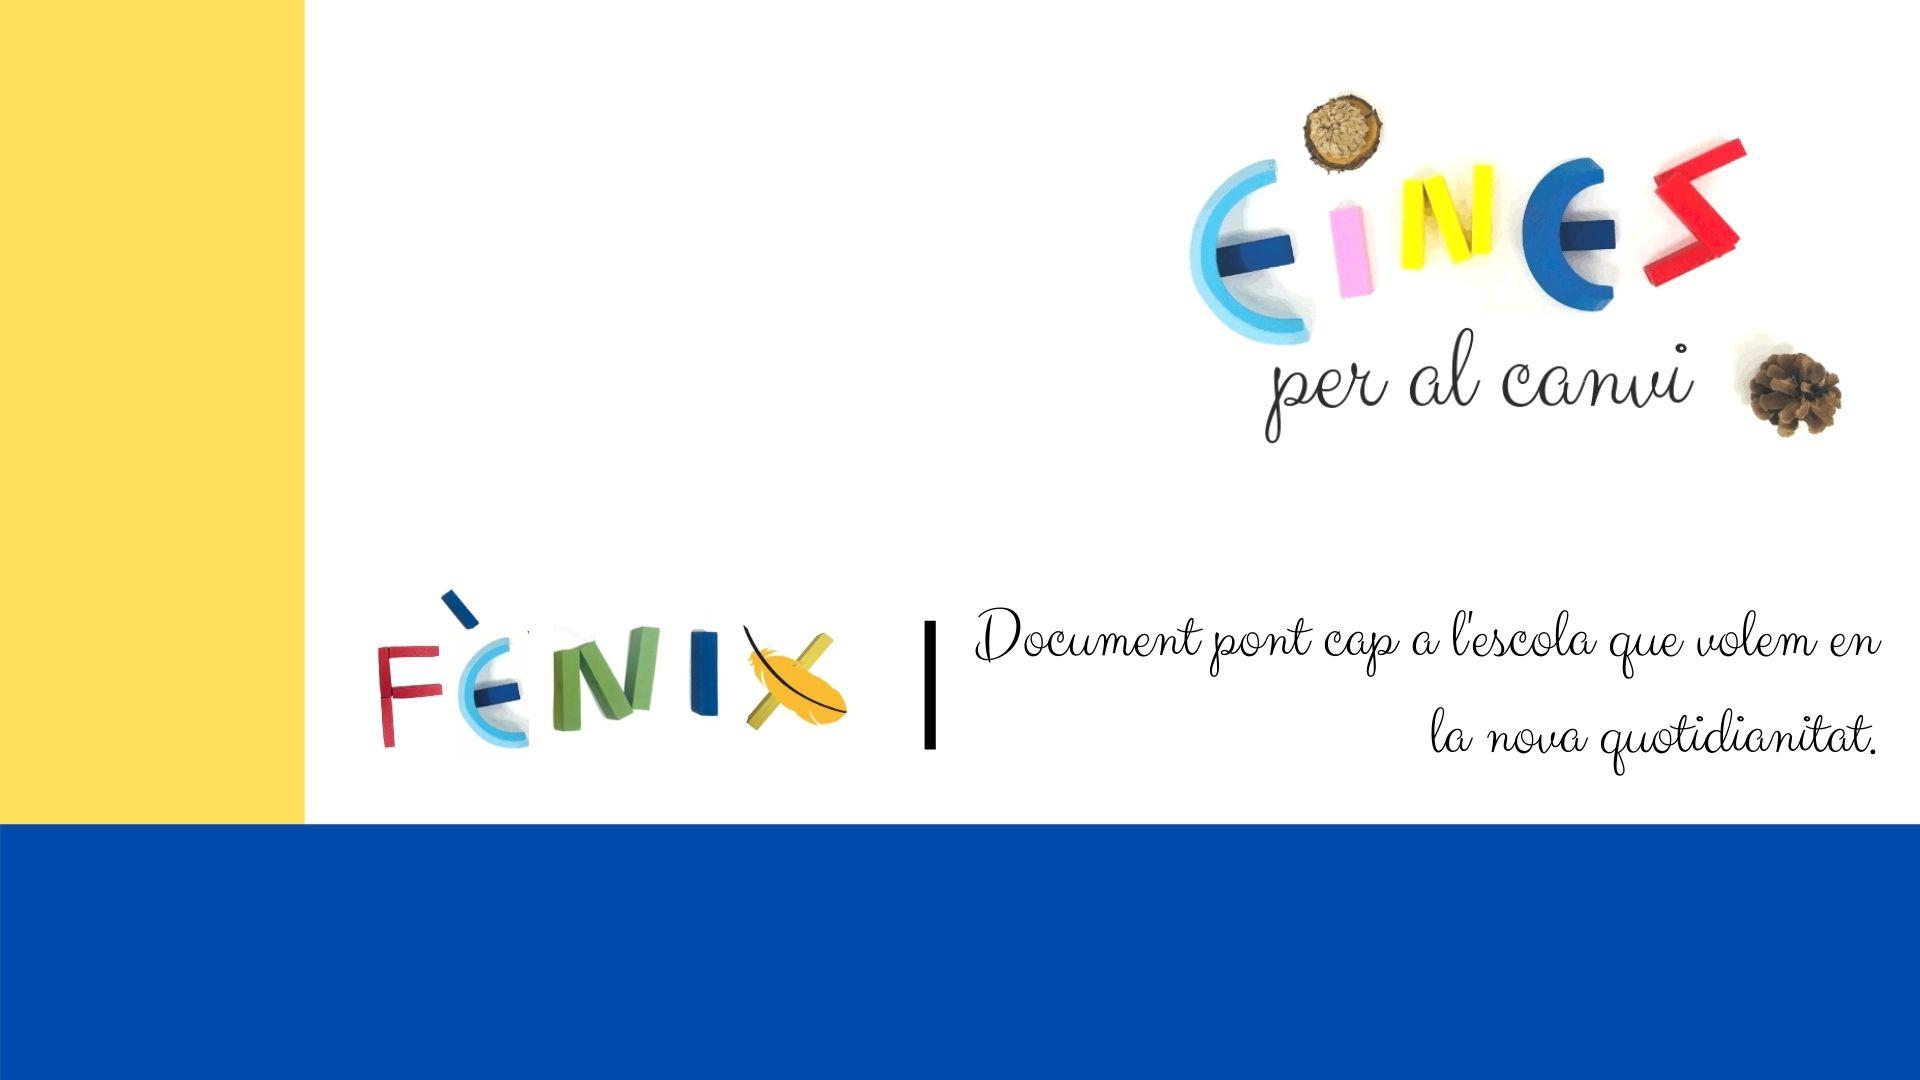 Eines_Document Fènix